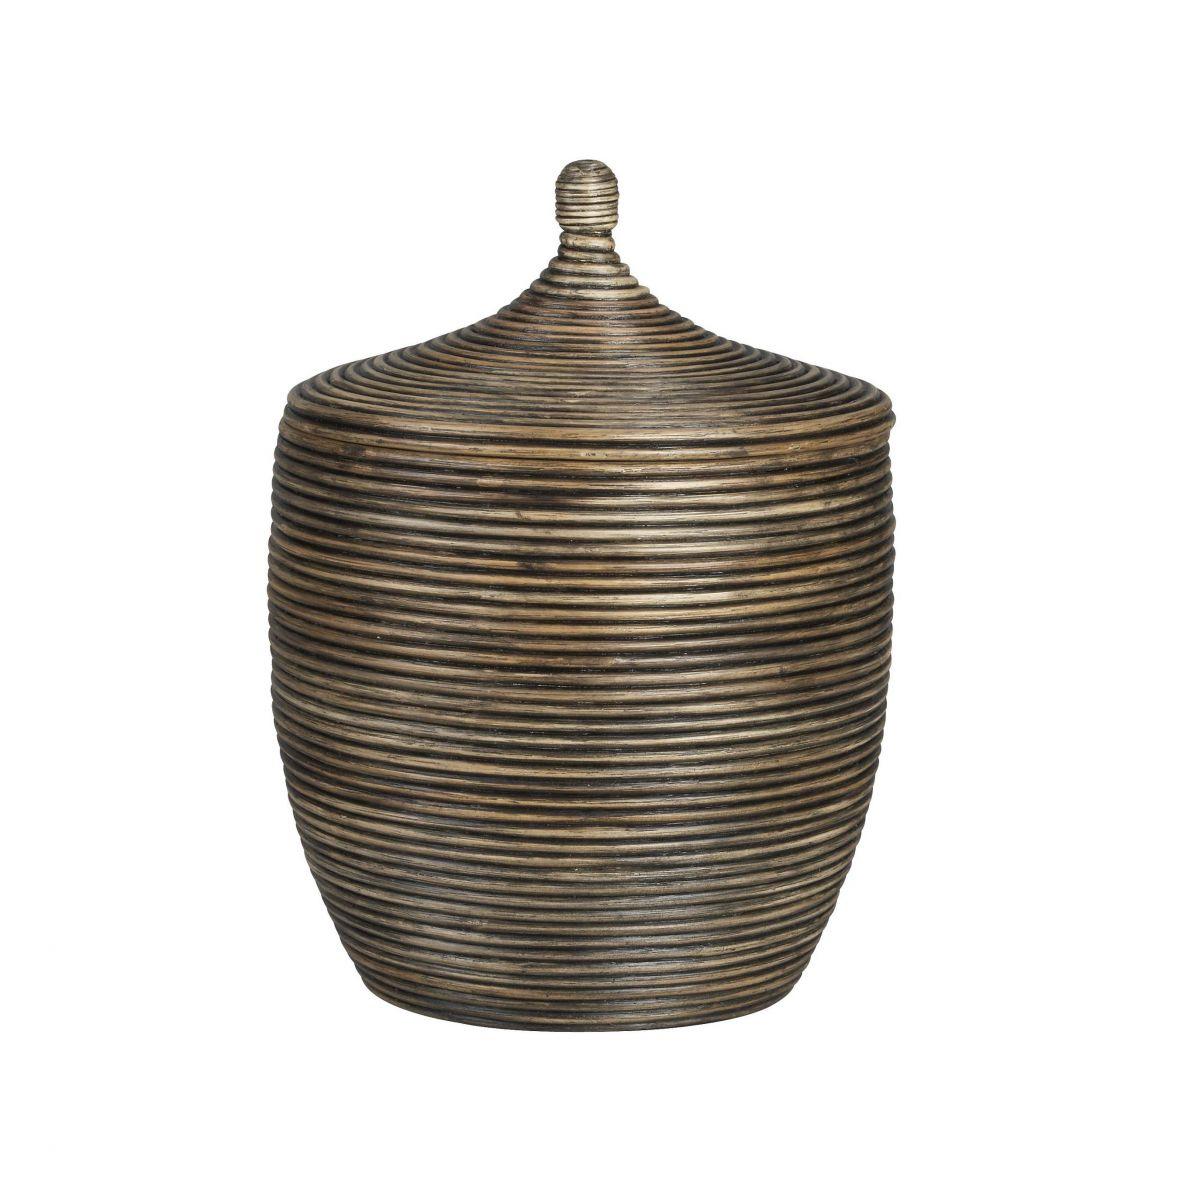 Big Lidded Basket # DK49